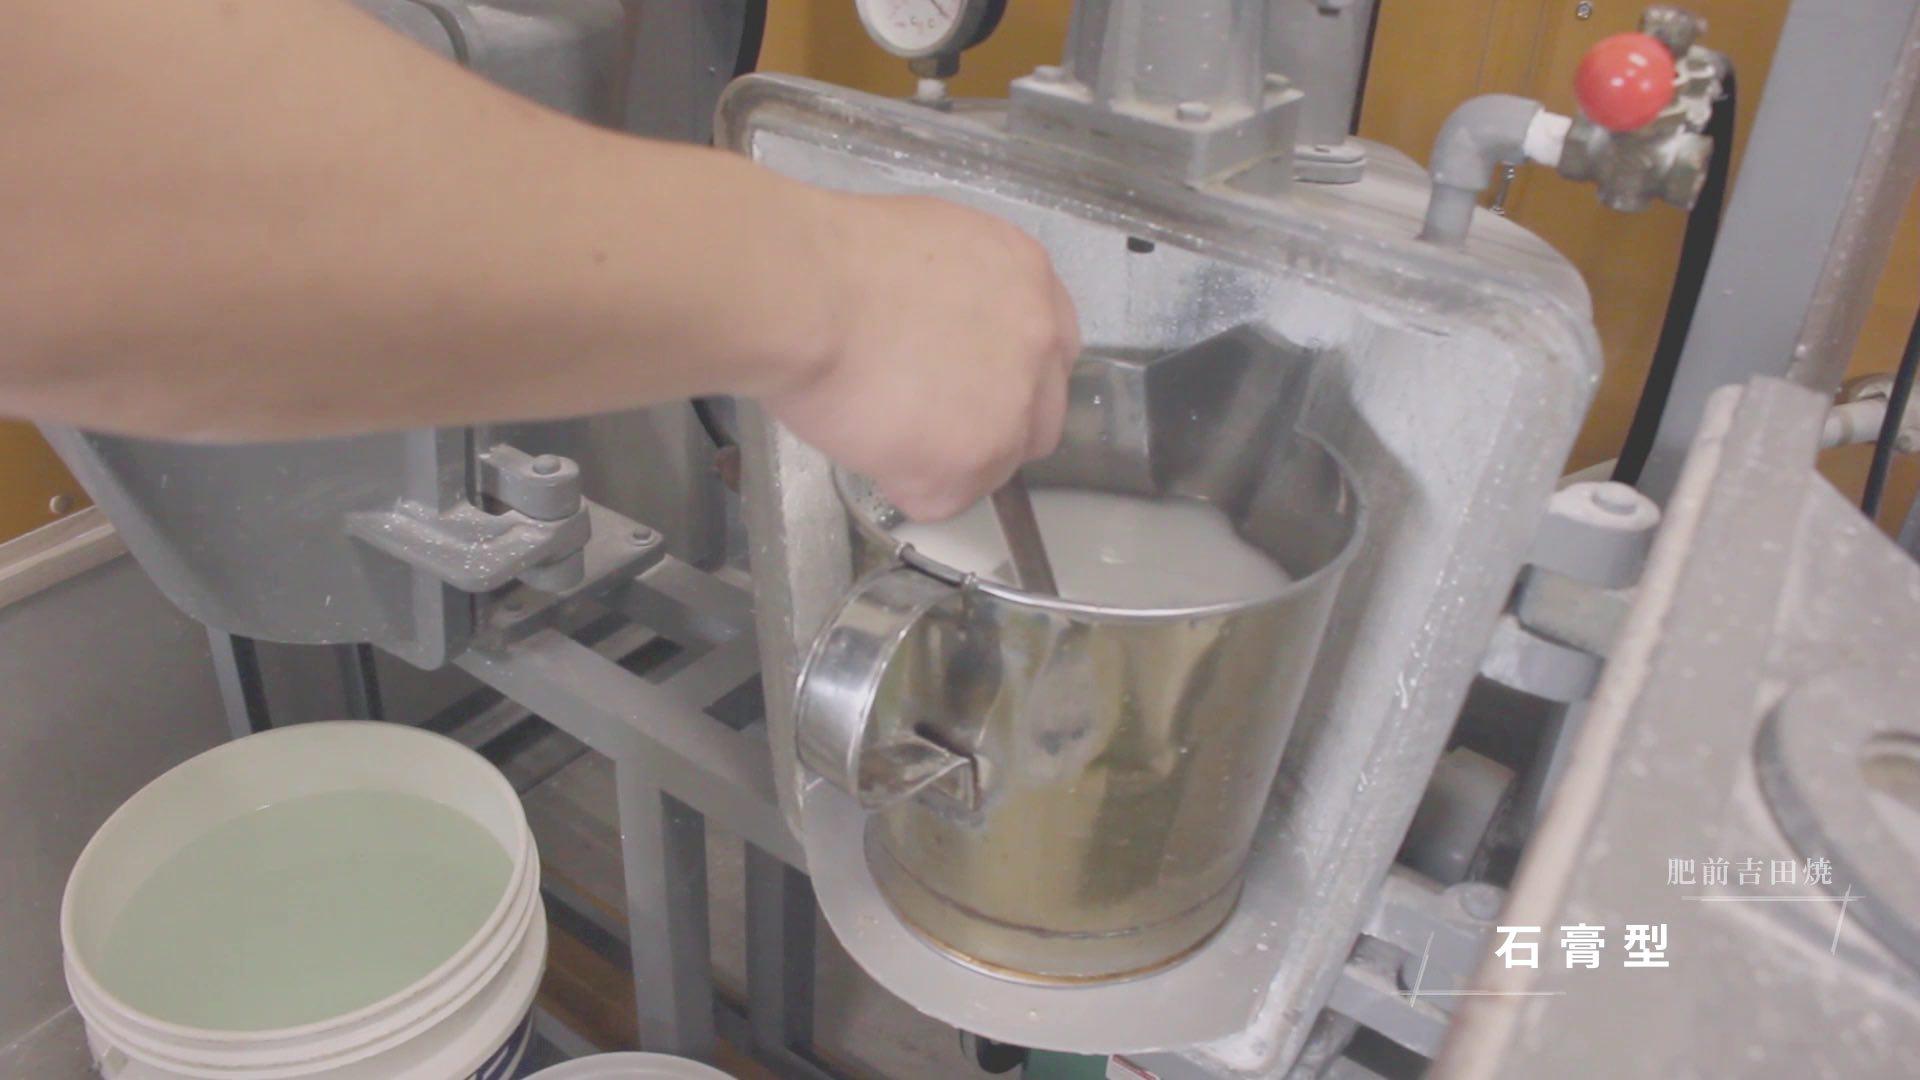 動画 - 石膏型